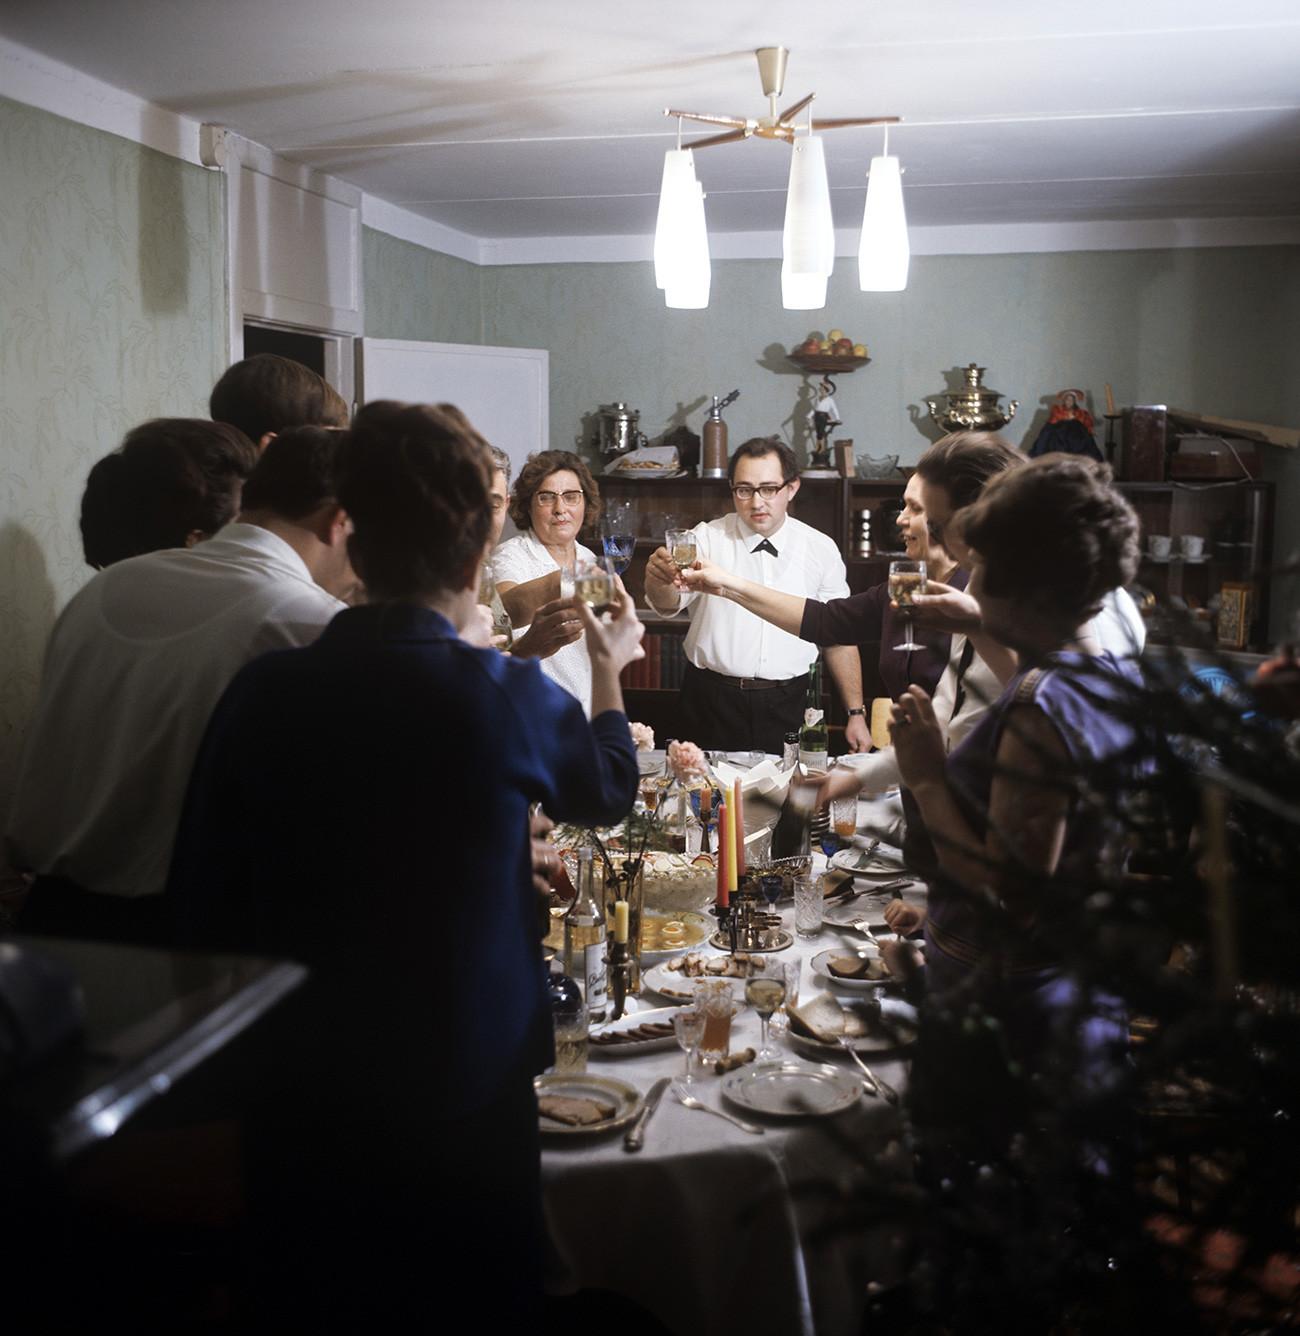 Os russos adoram festas grandes e longas, onde costumam reunir todos os seus amigos e parentes.